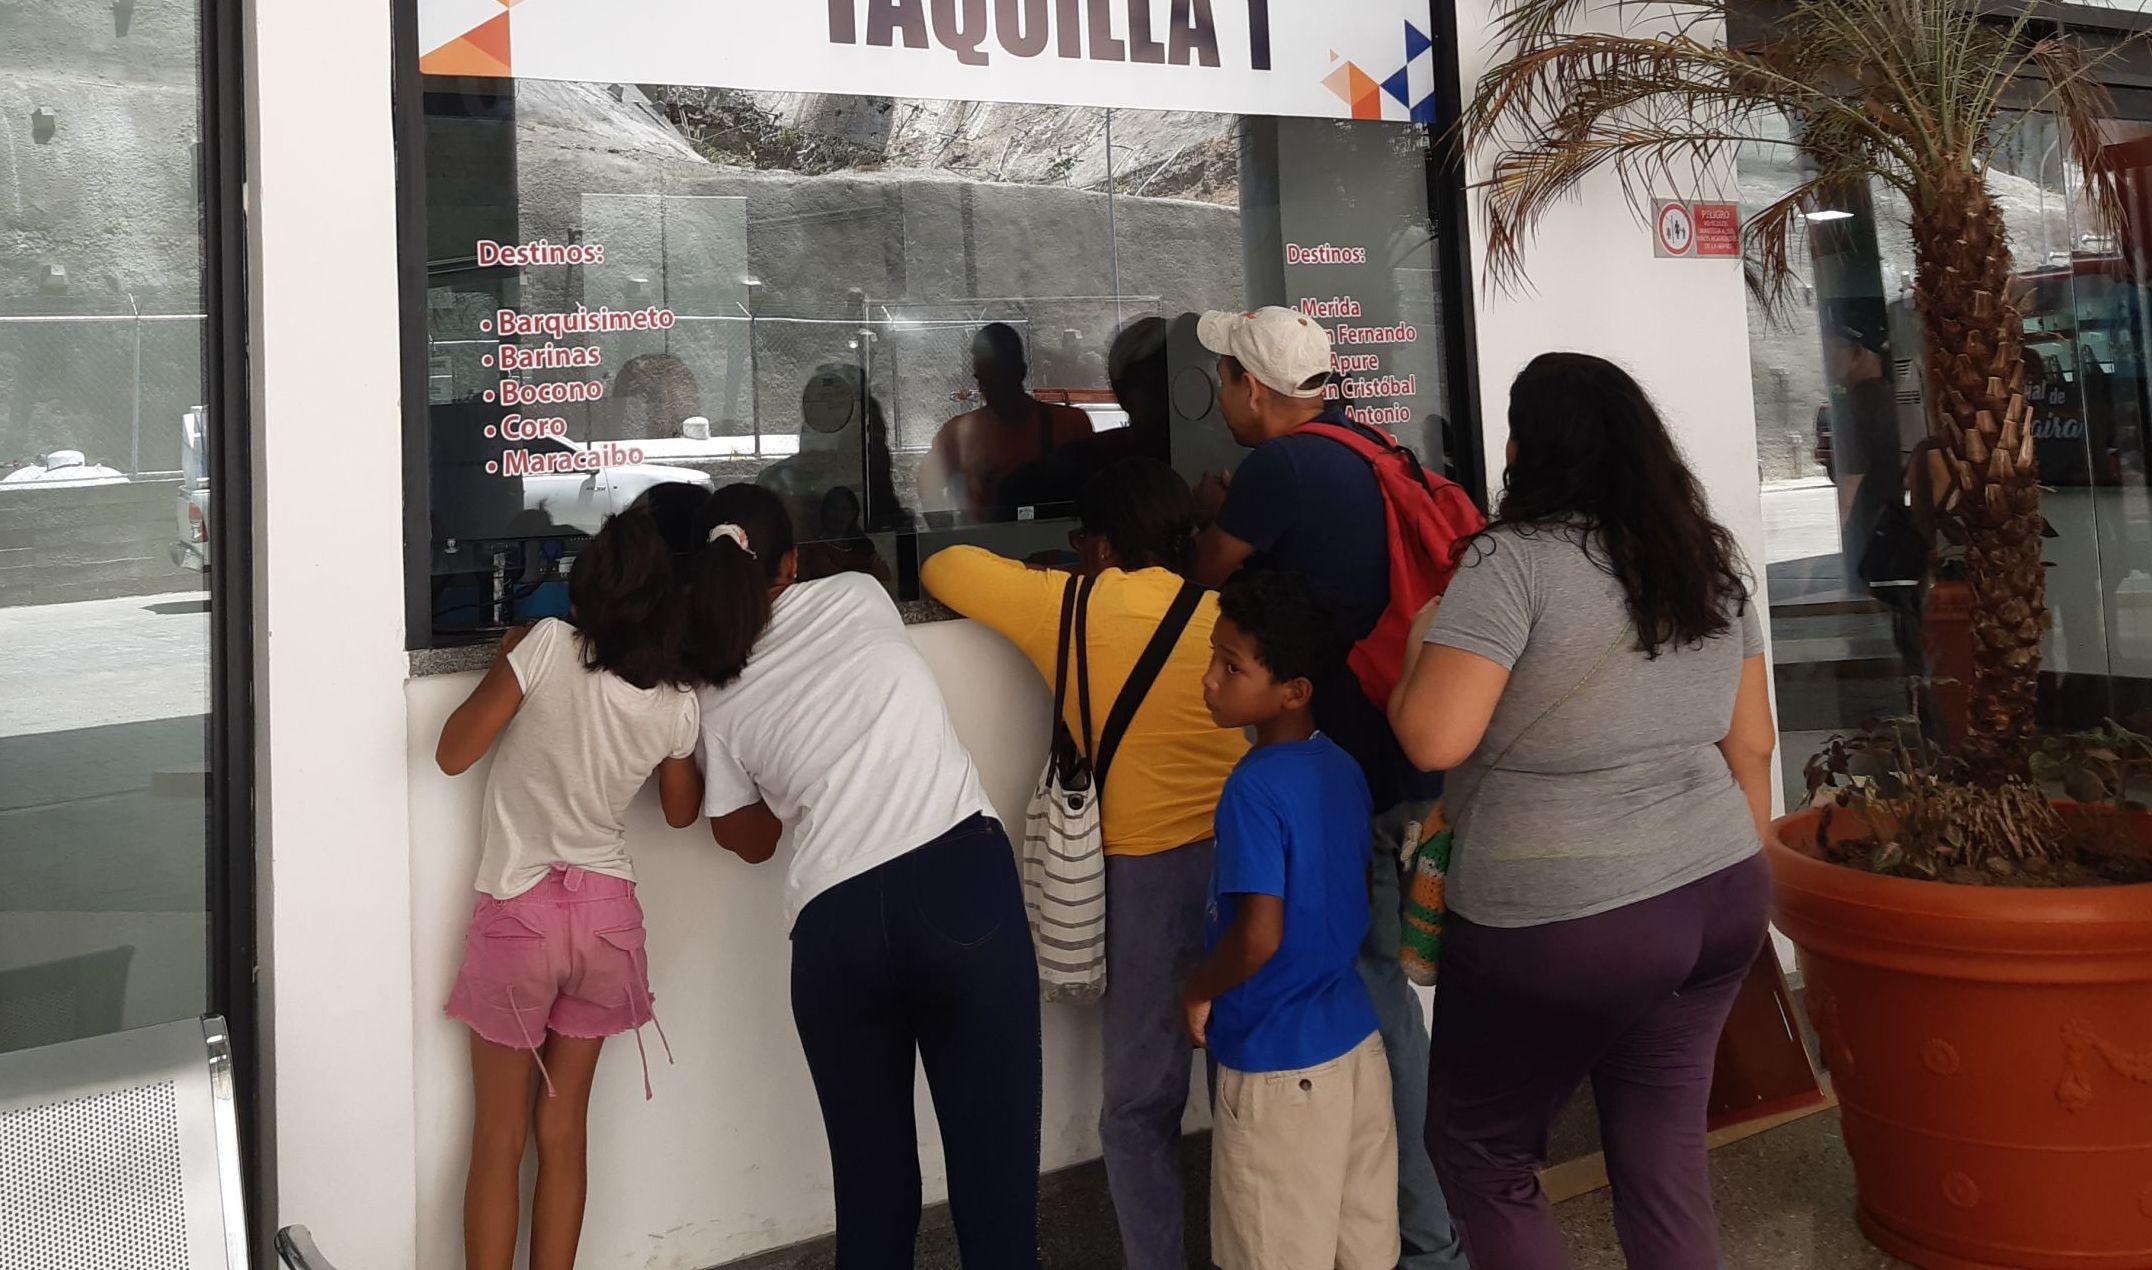 Los residentes del estado La Guaira compran sus boletos para viajar a otras regiones de Venezuela